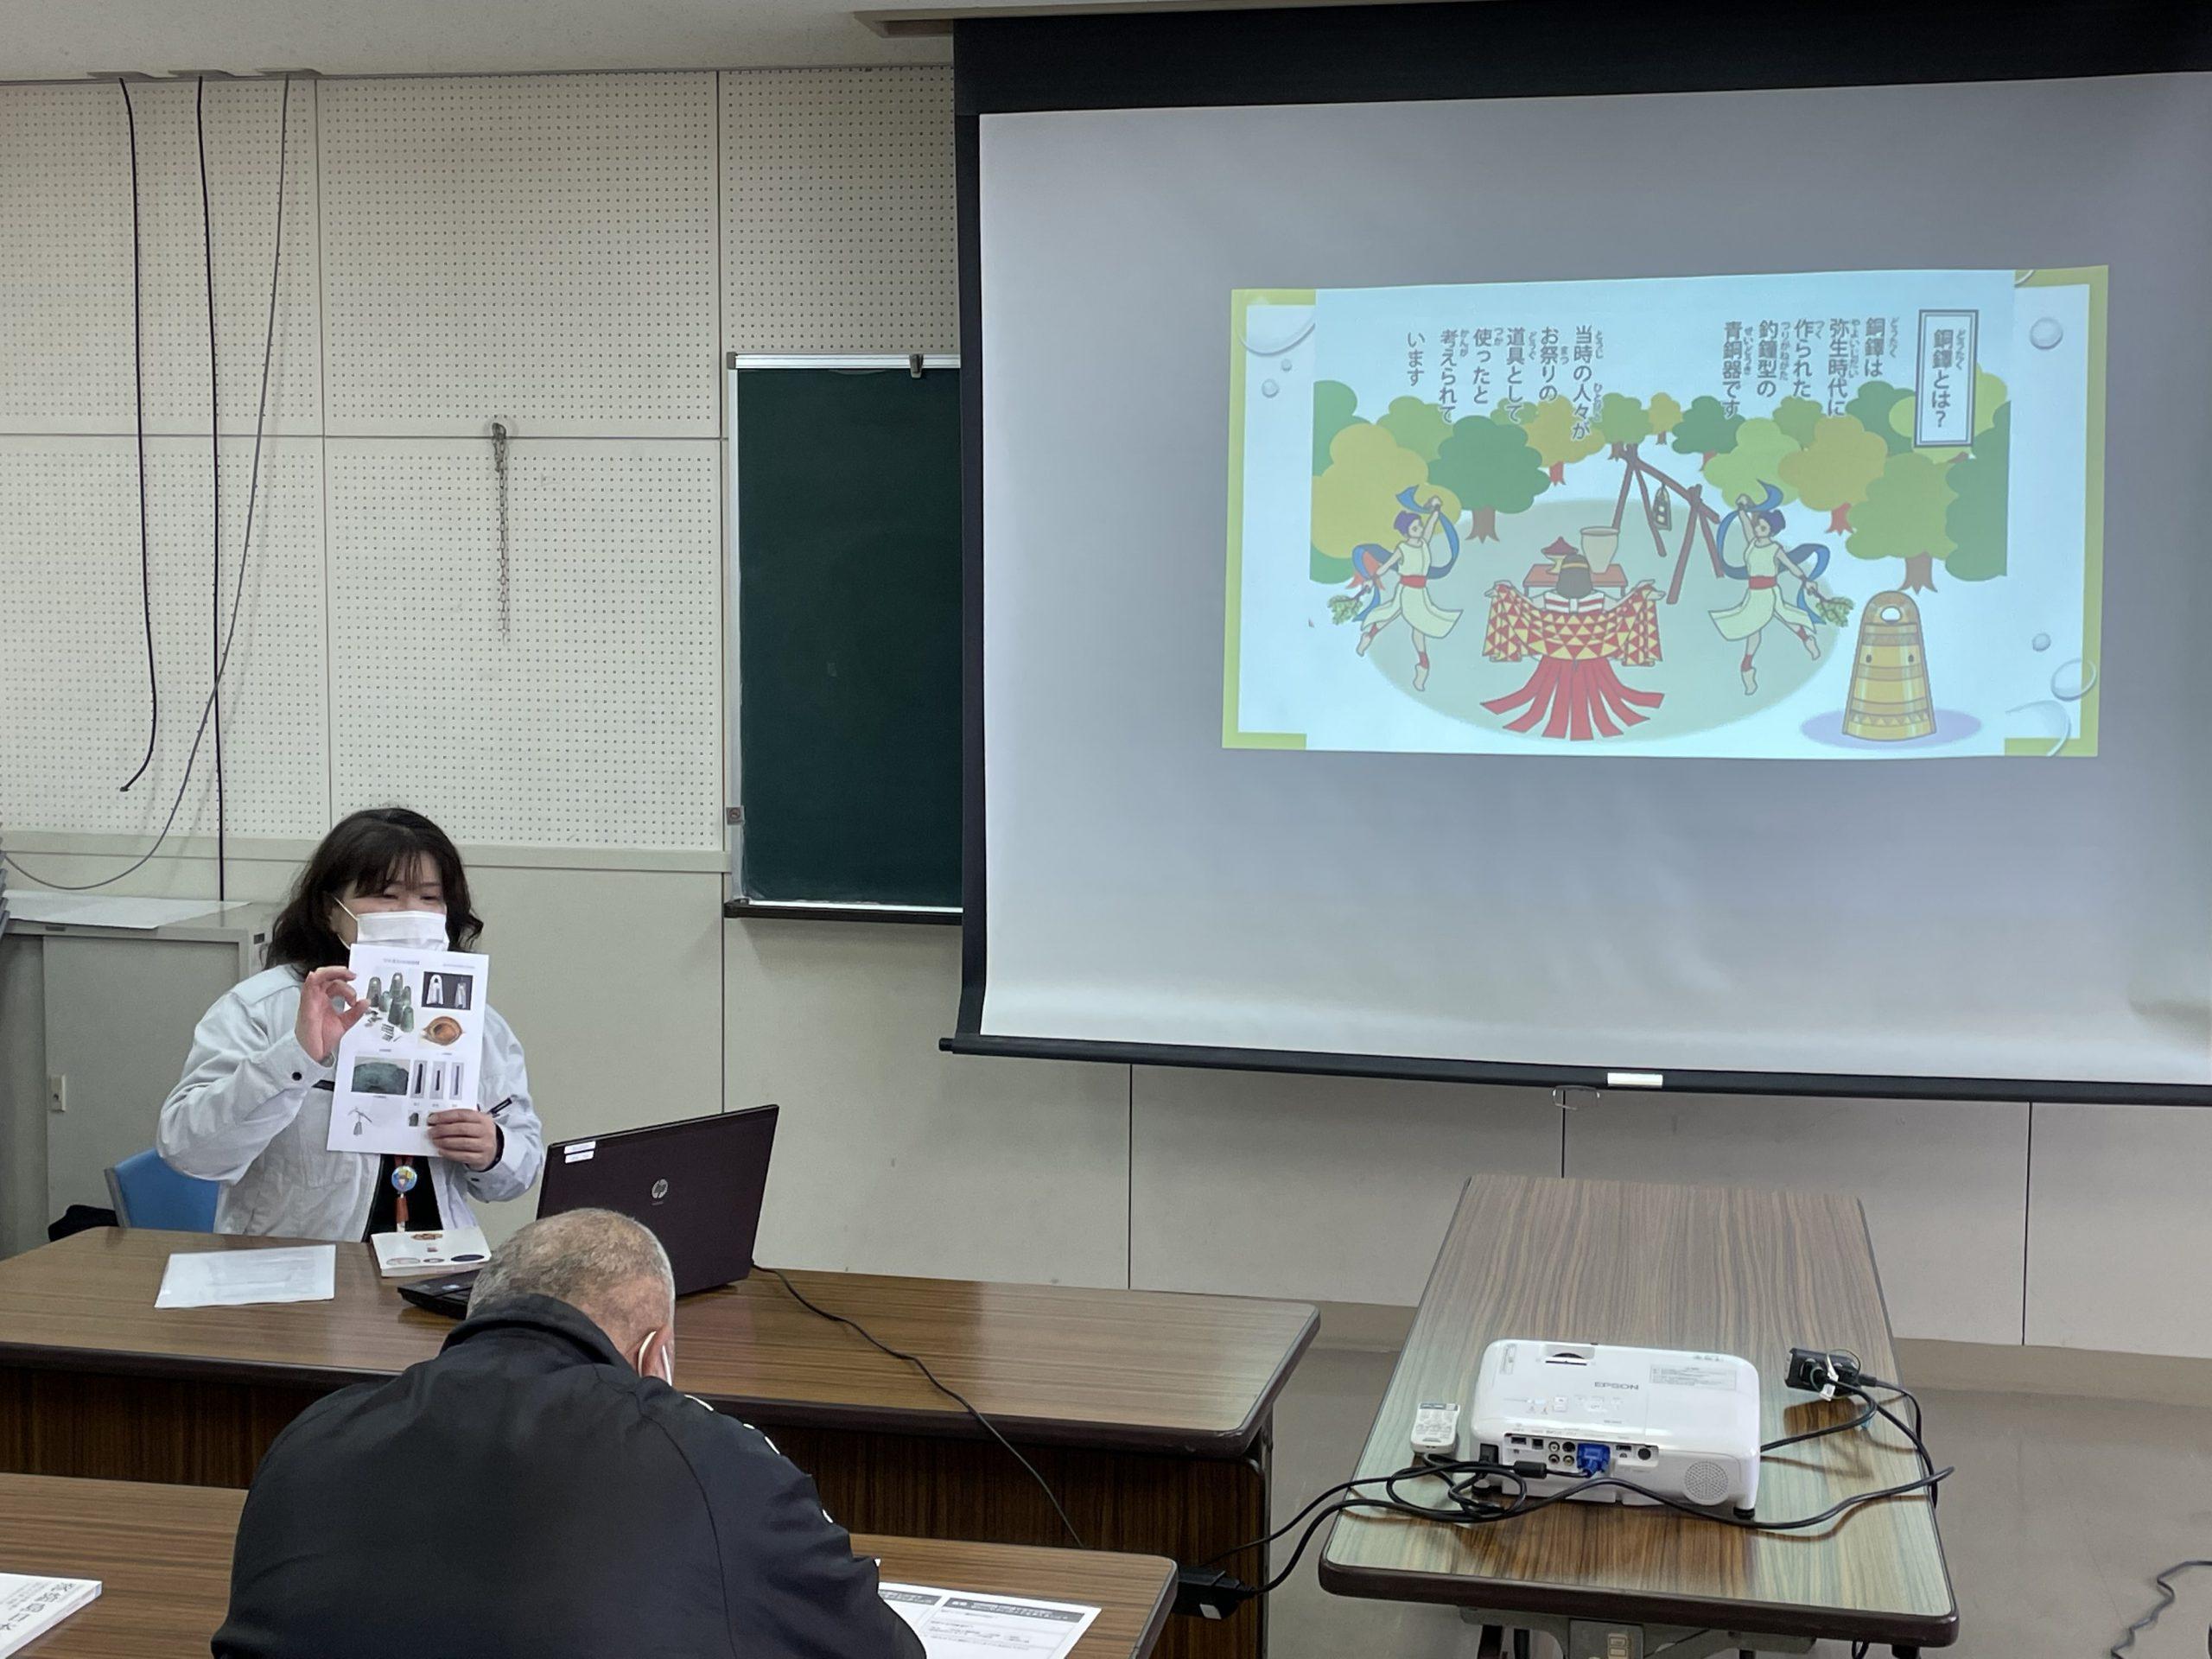 淡路島日本遺産のサポータークラブの研修会